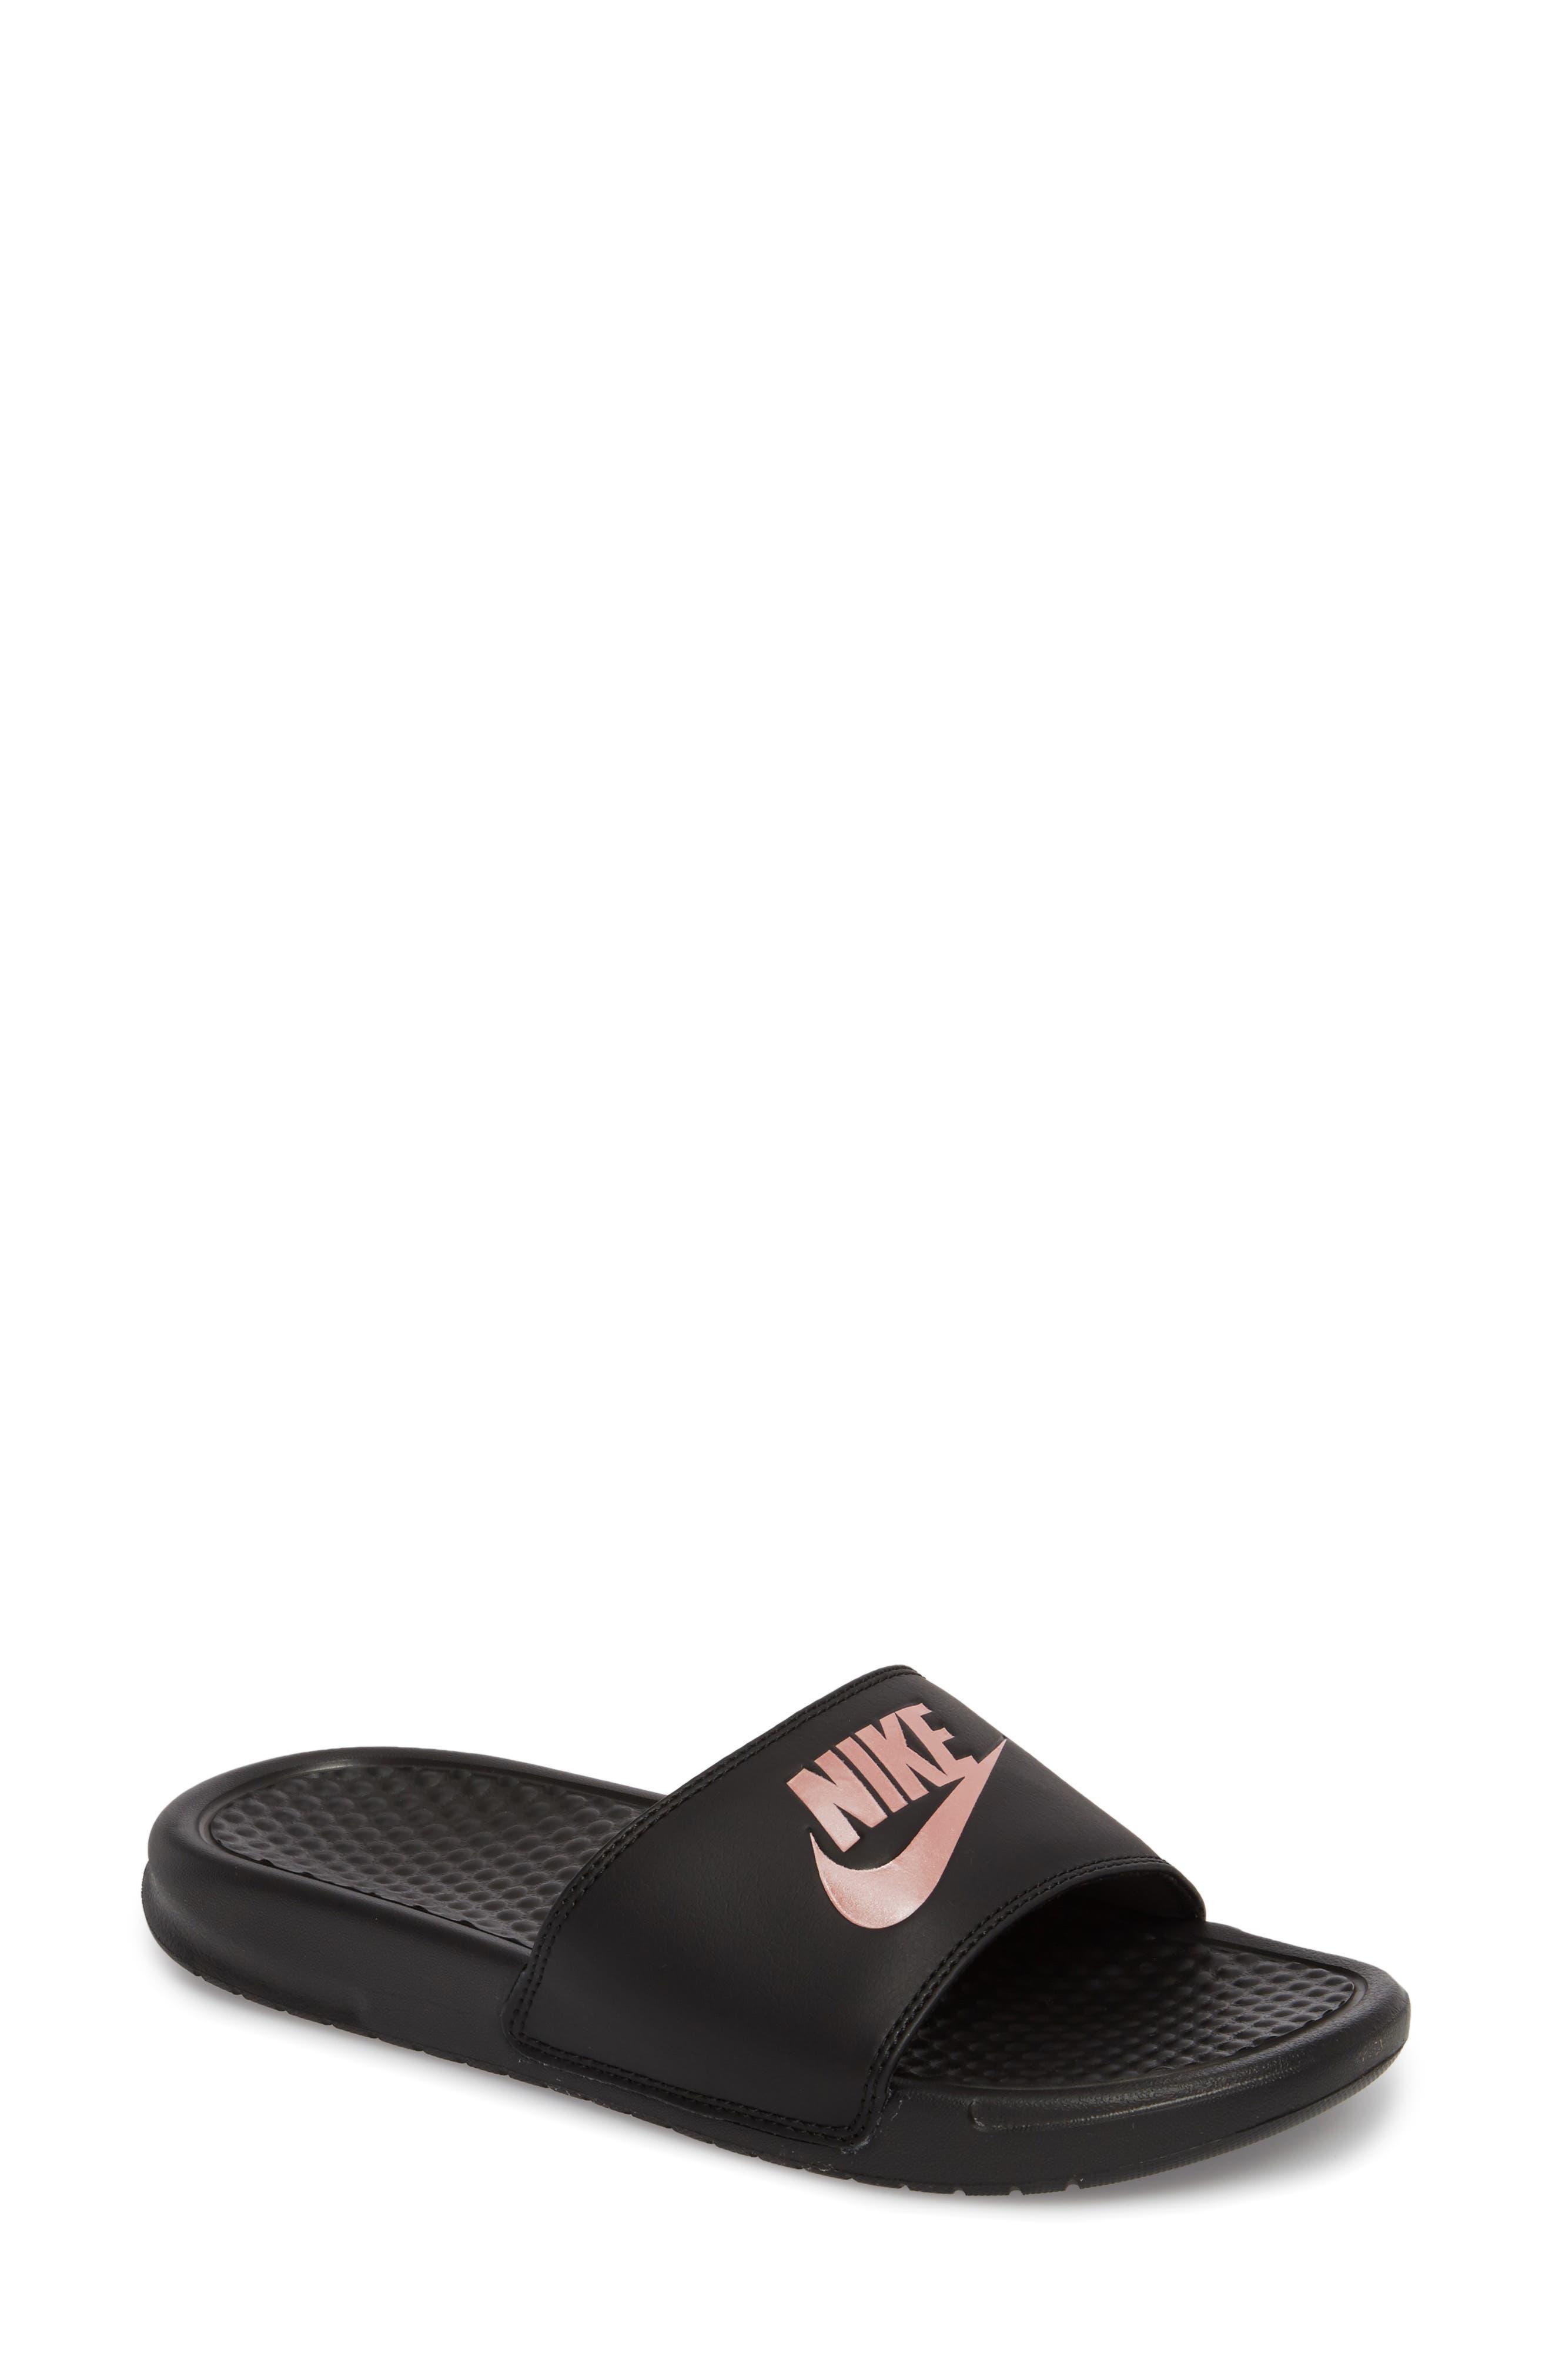 Benassi JDI Slide Sandal,                             Main thumbnail 1, color,